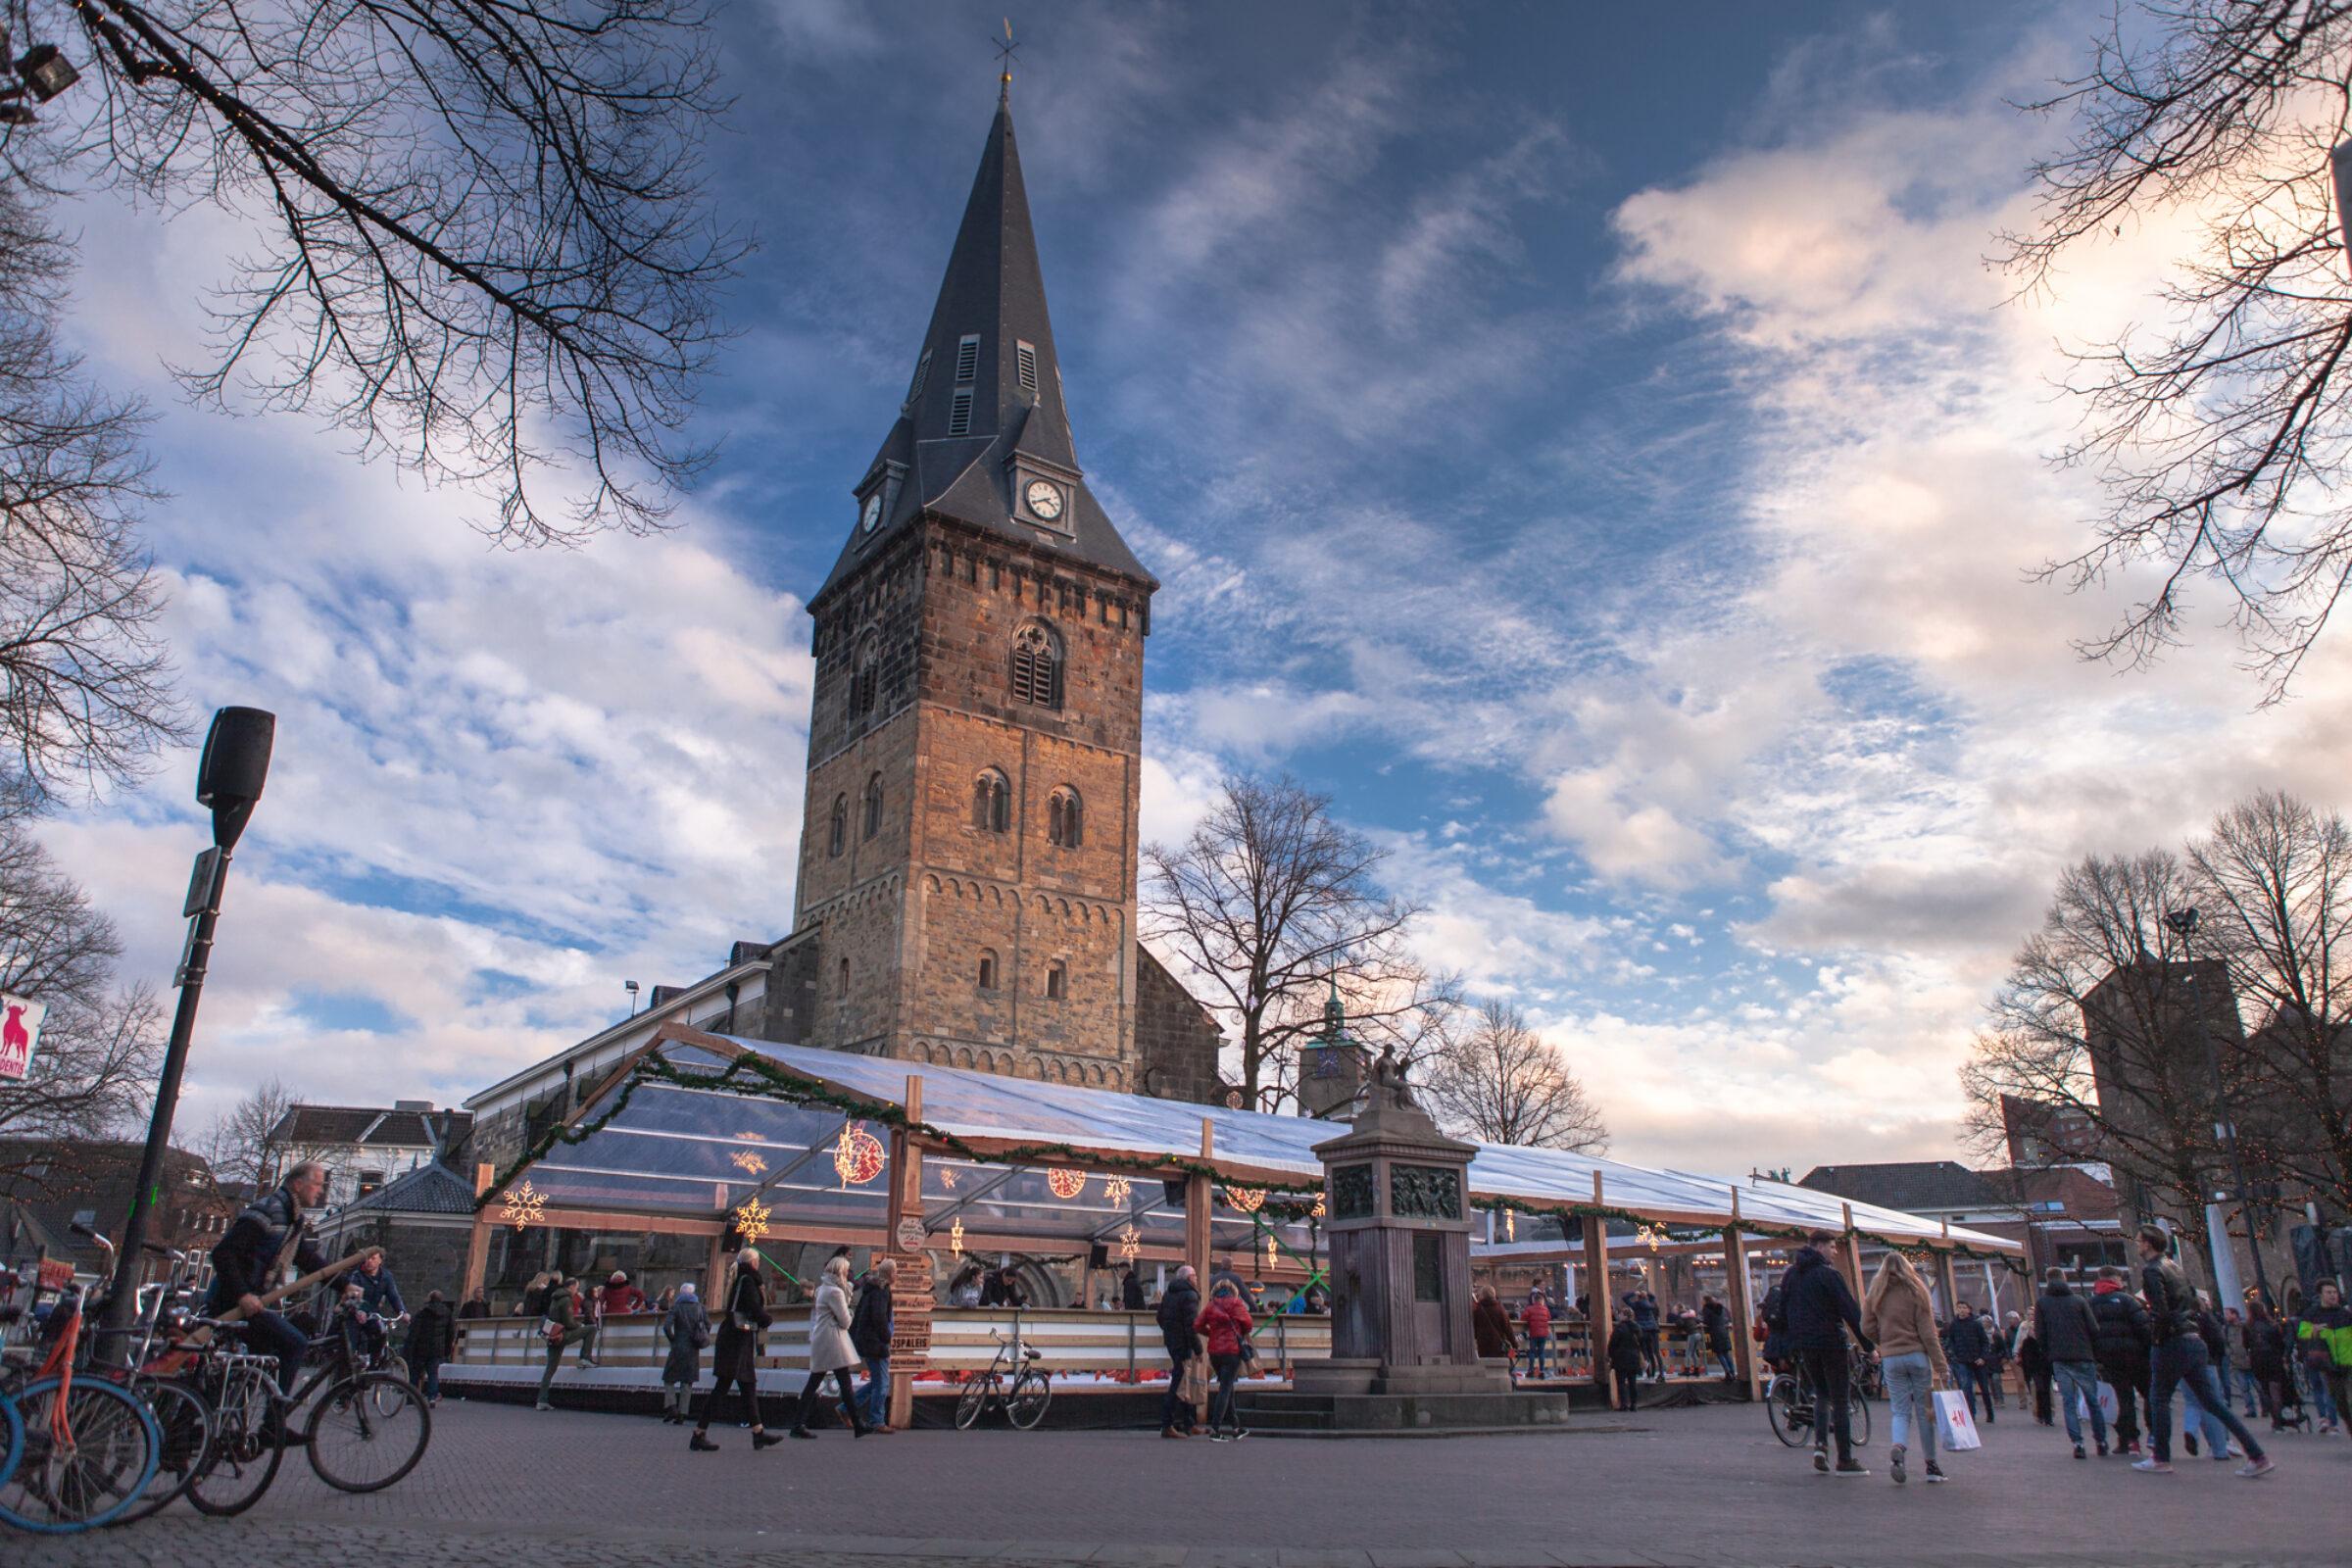 Oude Markt Winter Wonderland 2